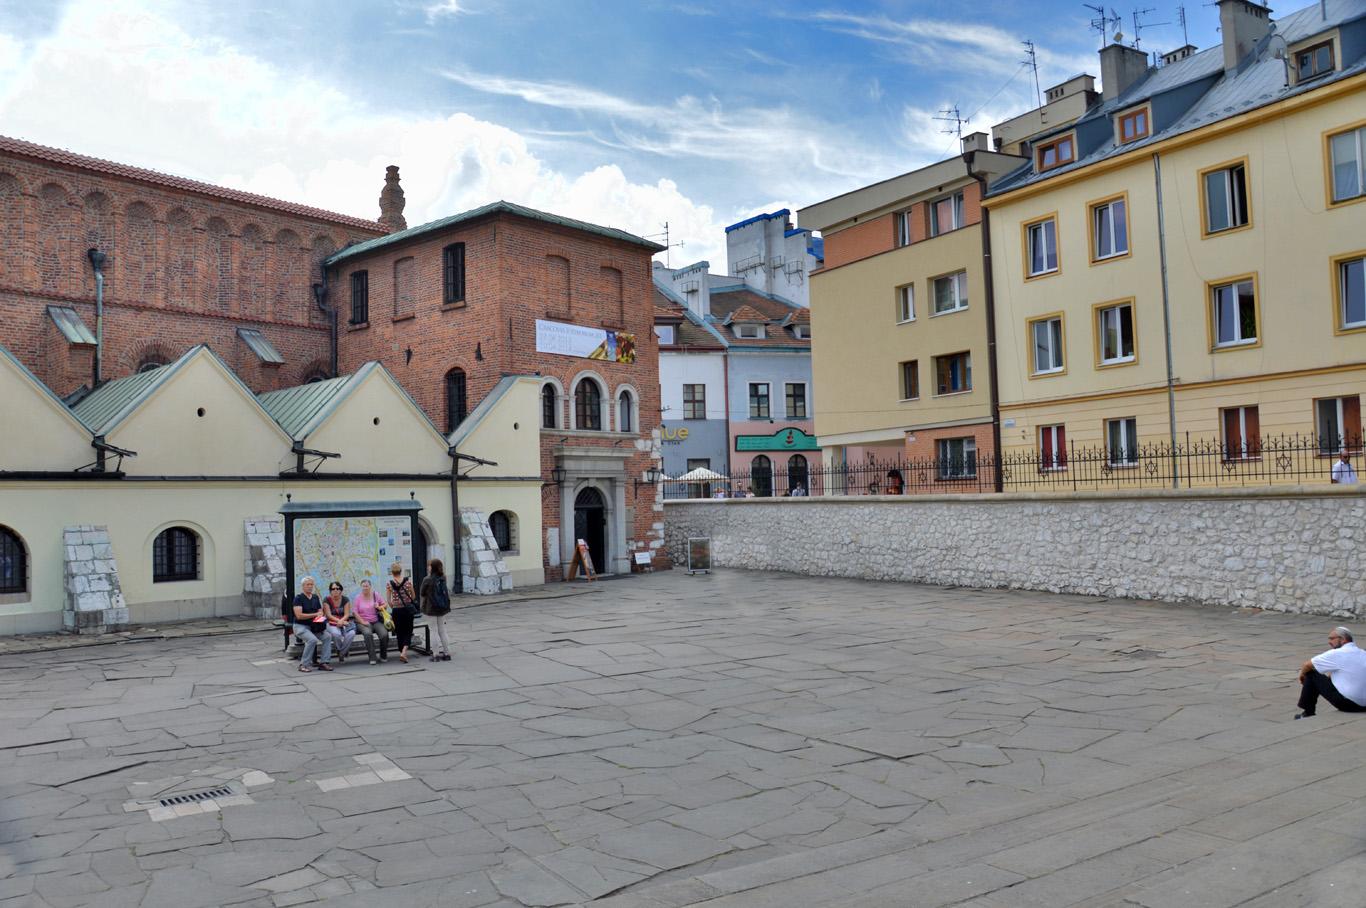 Jewish Synagogue in Kazimierz